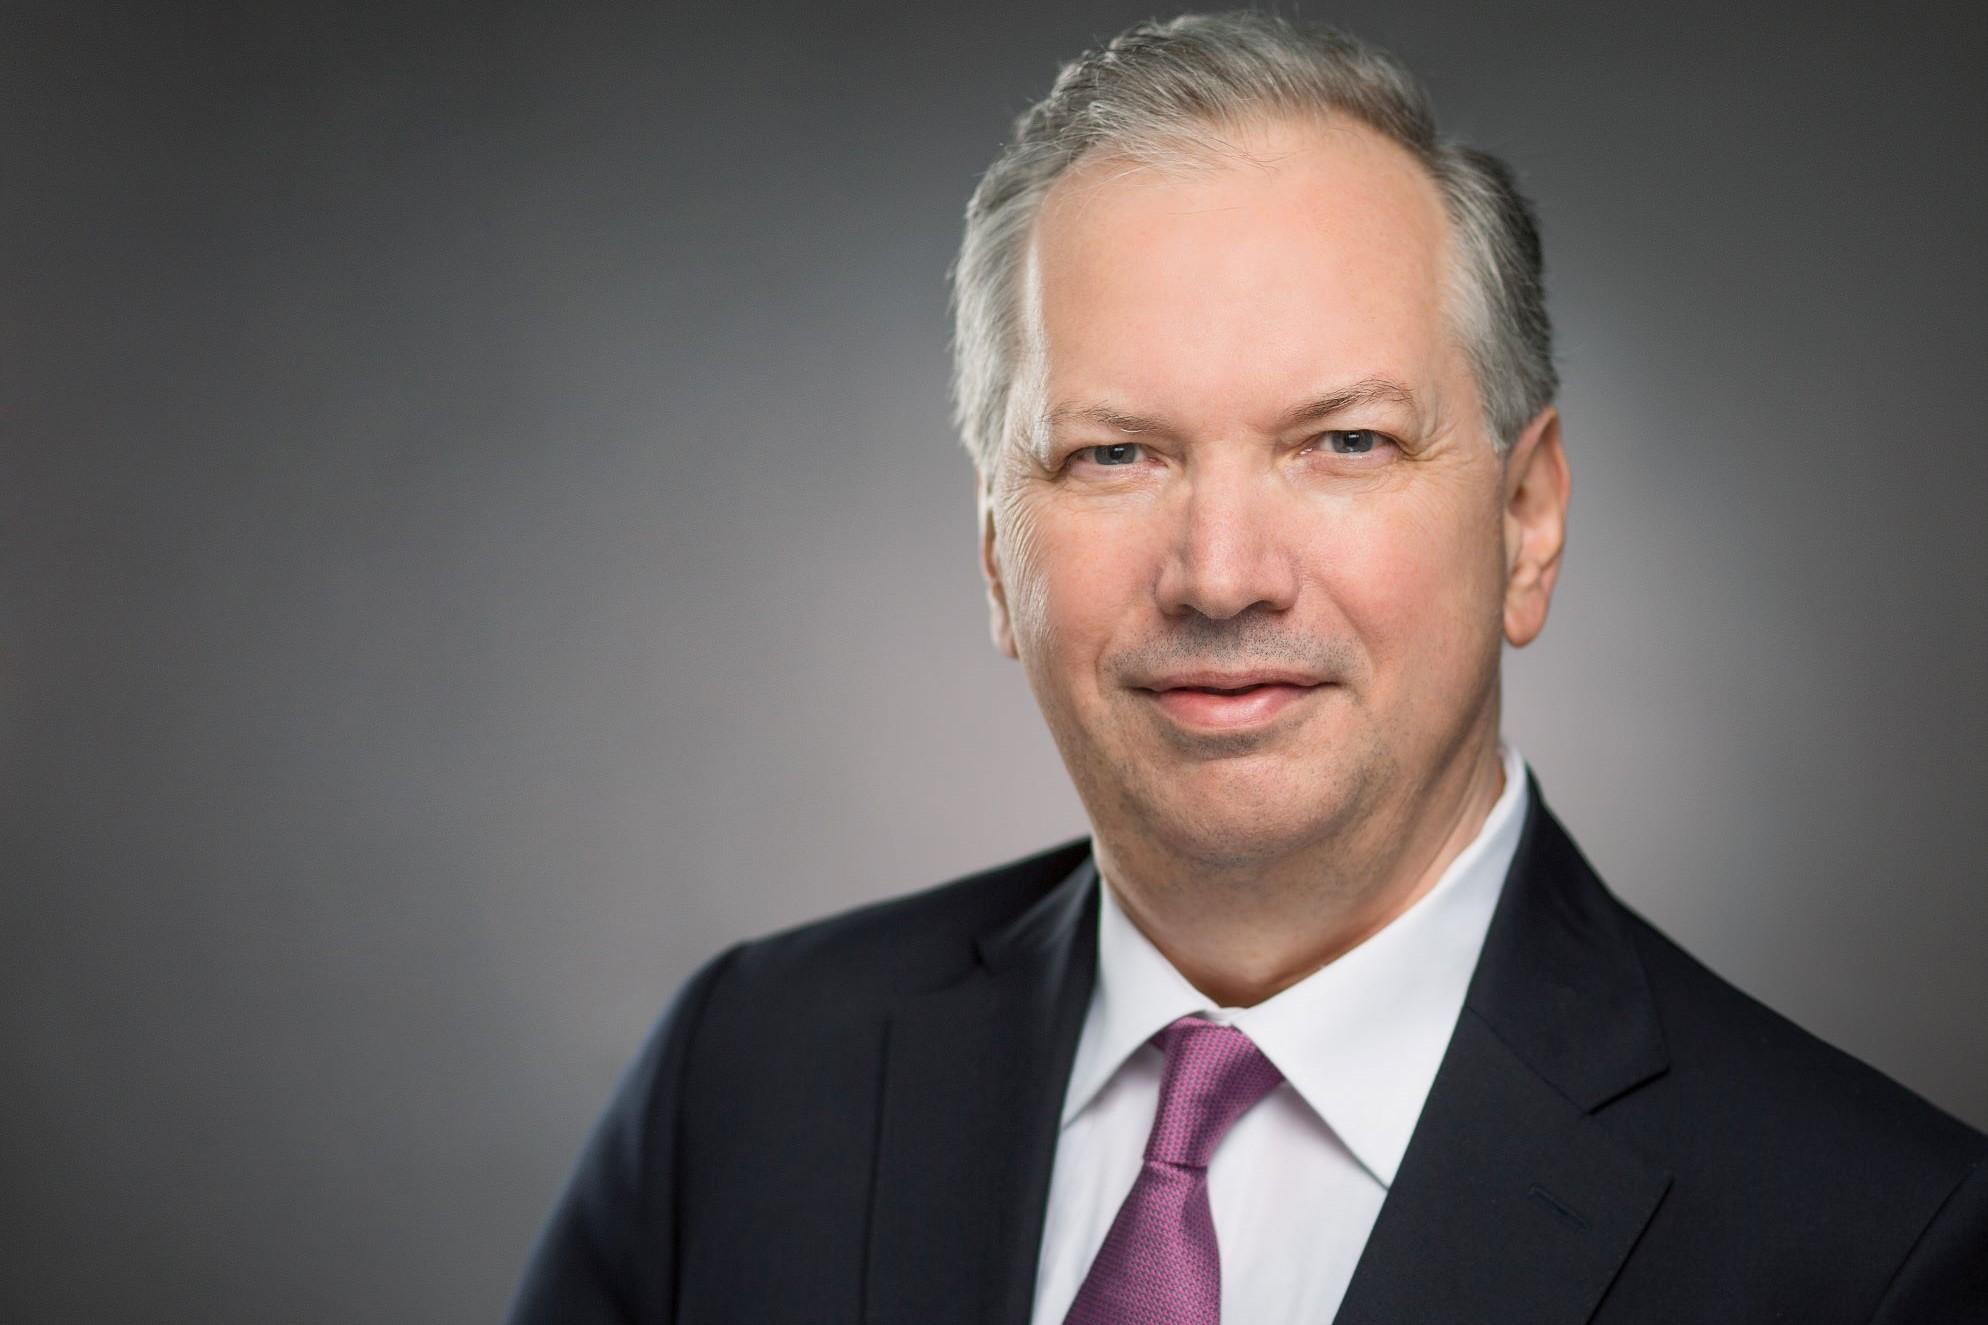 Prof. Dr. med. Dipl.-Psych. Hartmut Göbel